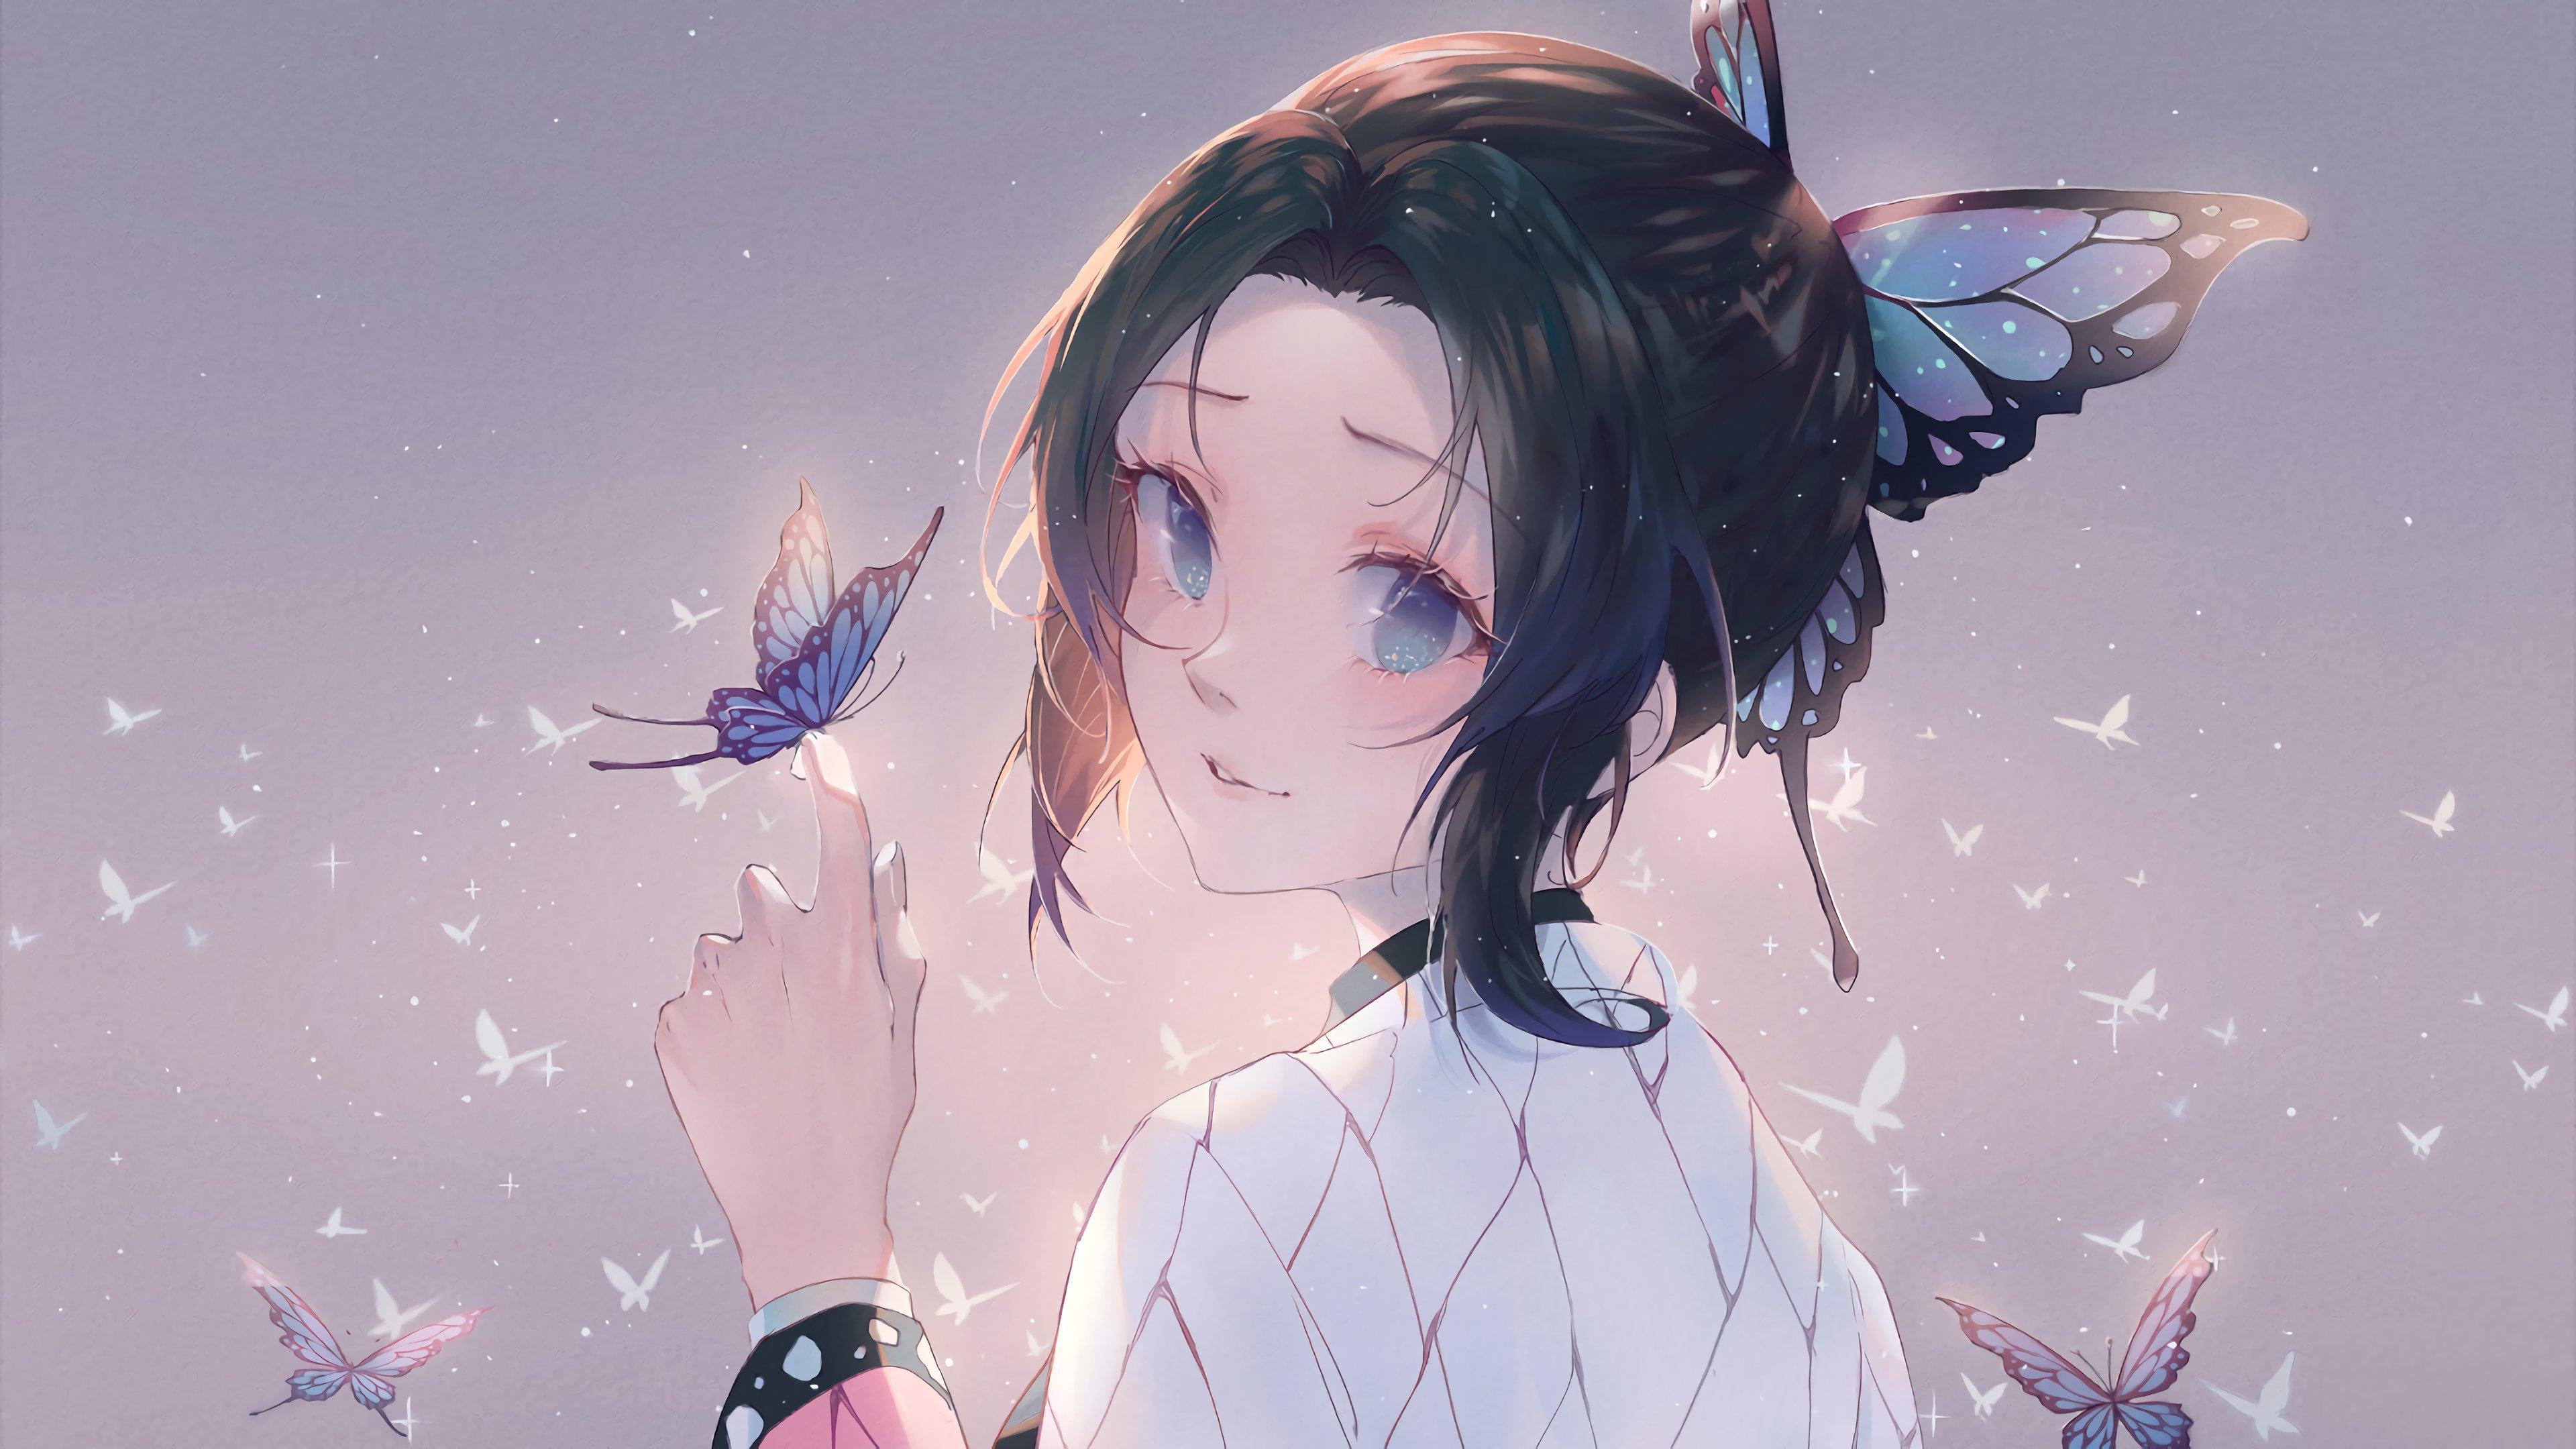 Fondos de pantalla Anime Shinobu Kocho de Kimetsu no Yaiba